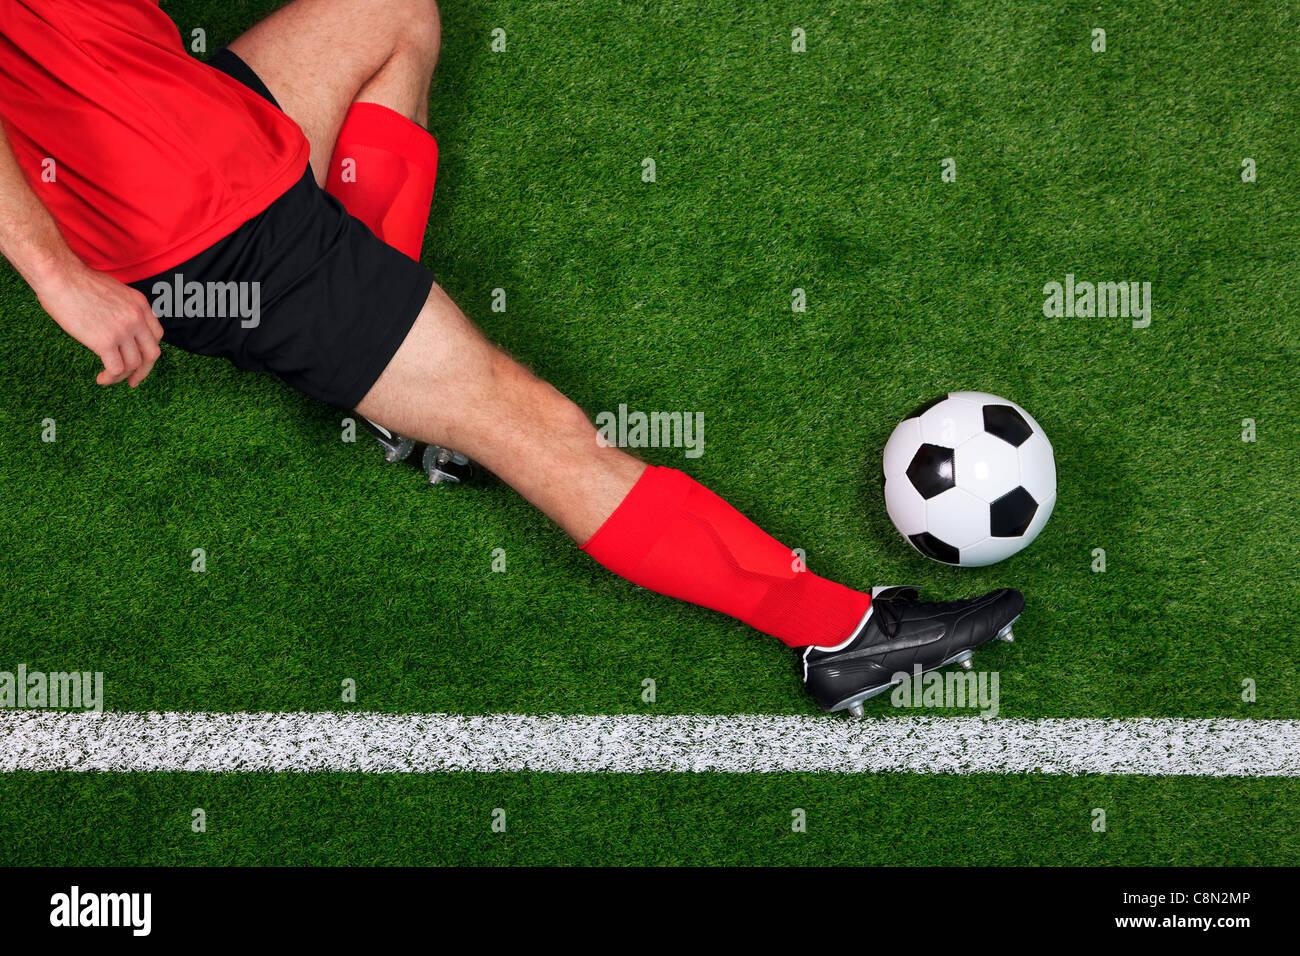 Foto aerea di una partita di calcio o giocatore di calcio in scorrimento per salvare la palla andando oltre il diversivo Immagini Stock